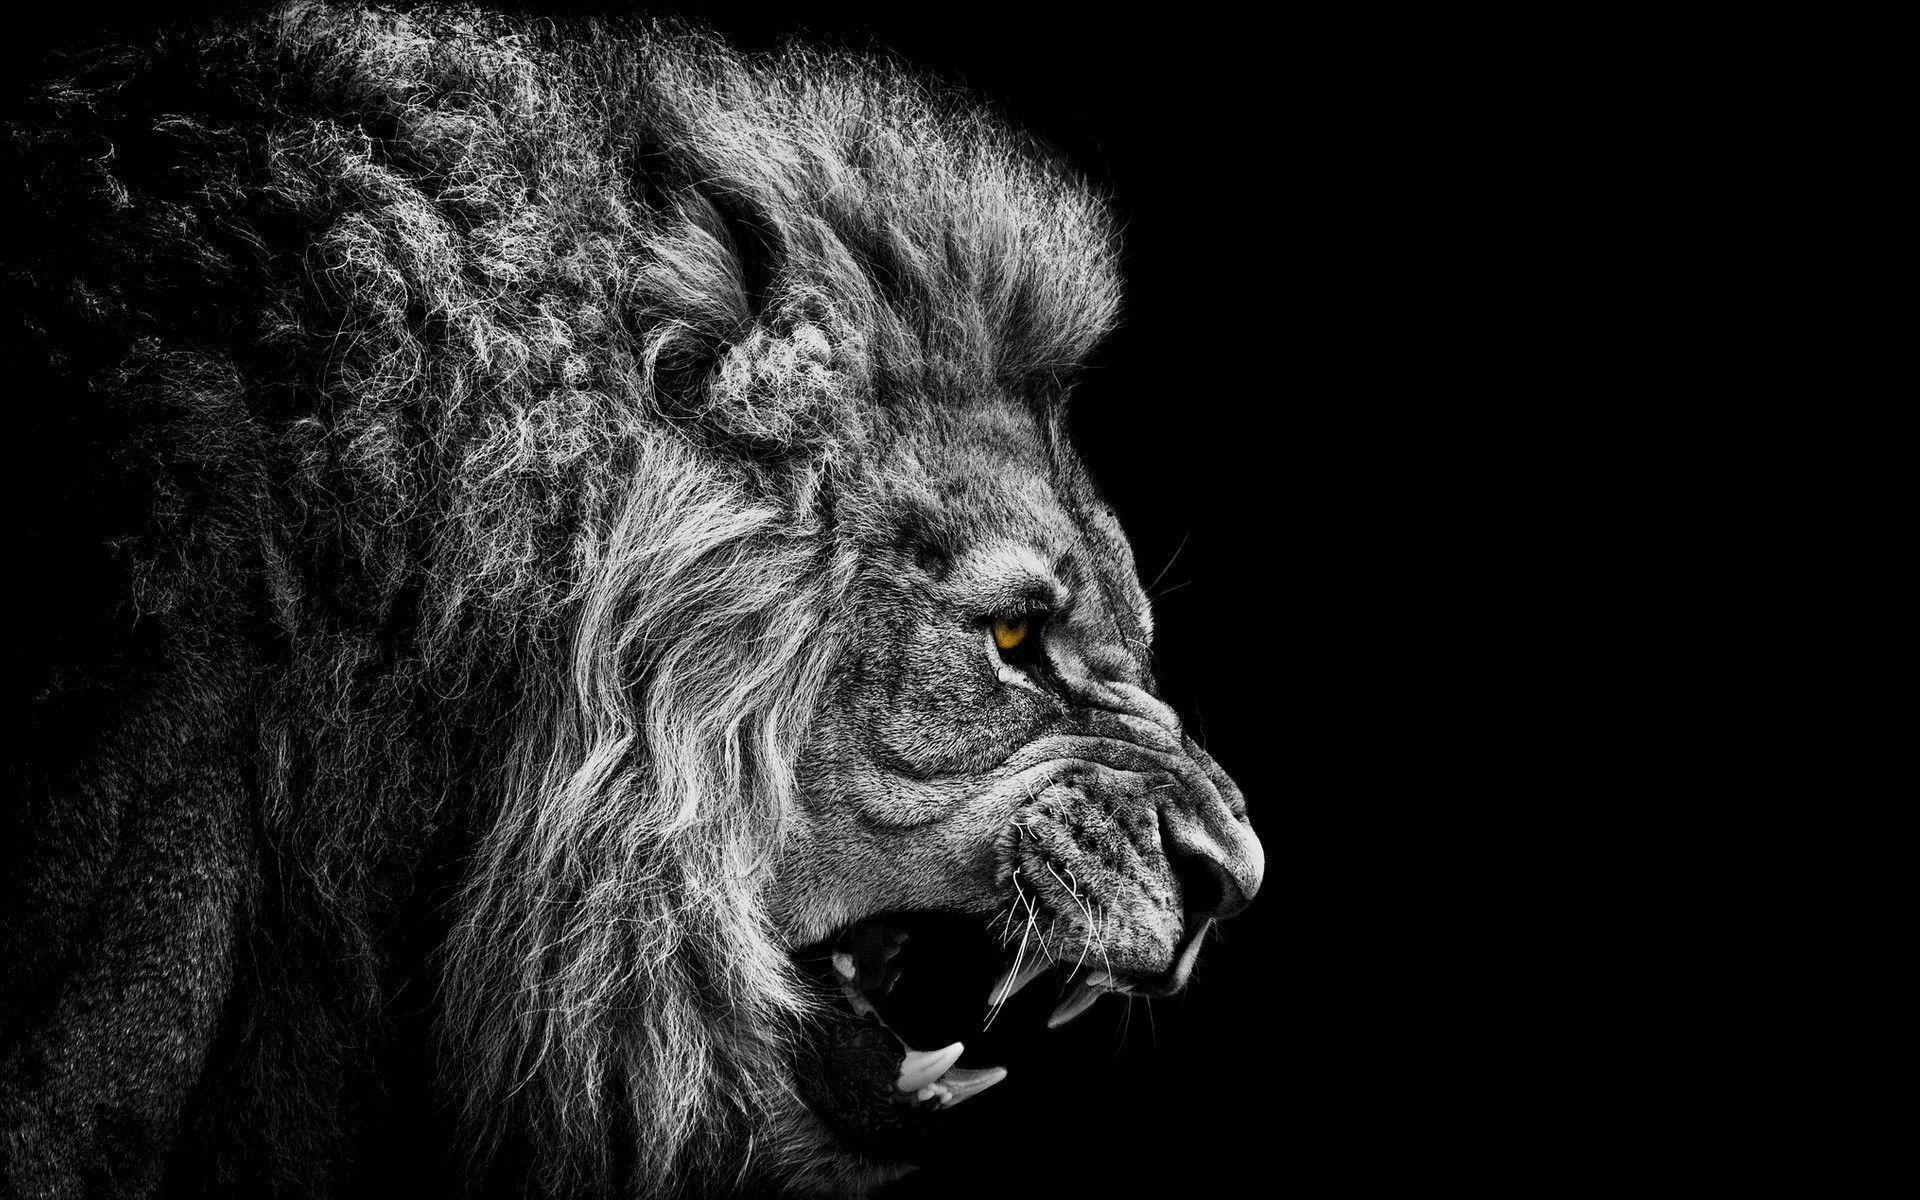 lion face wallpaper - photo #31